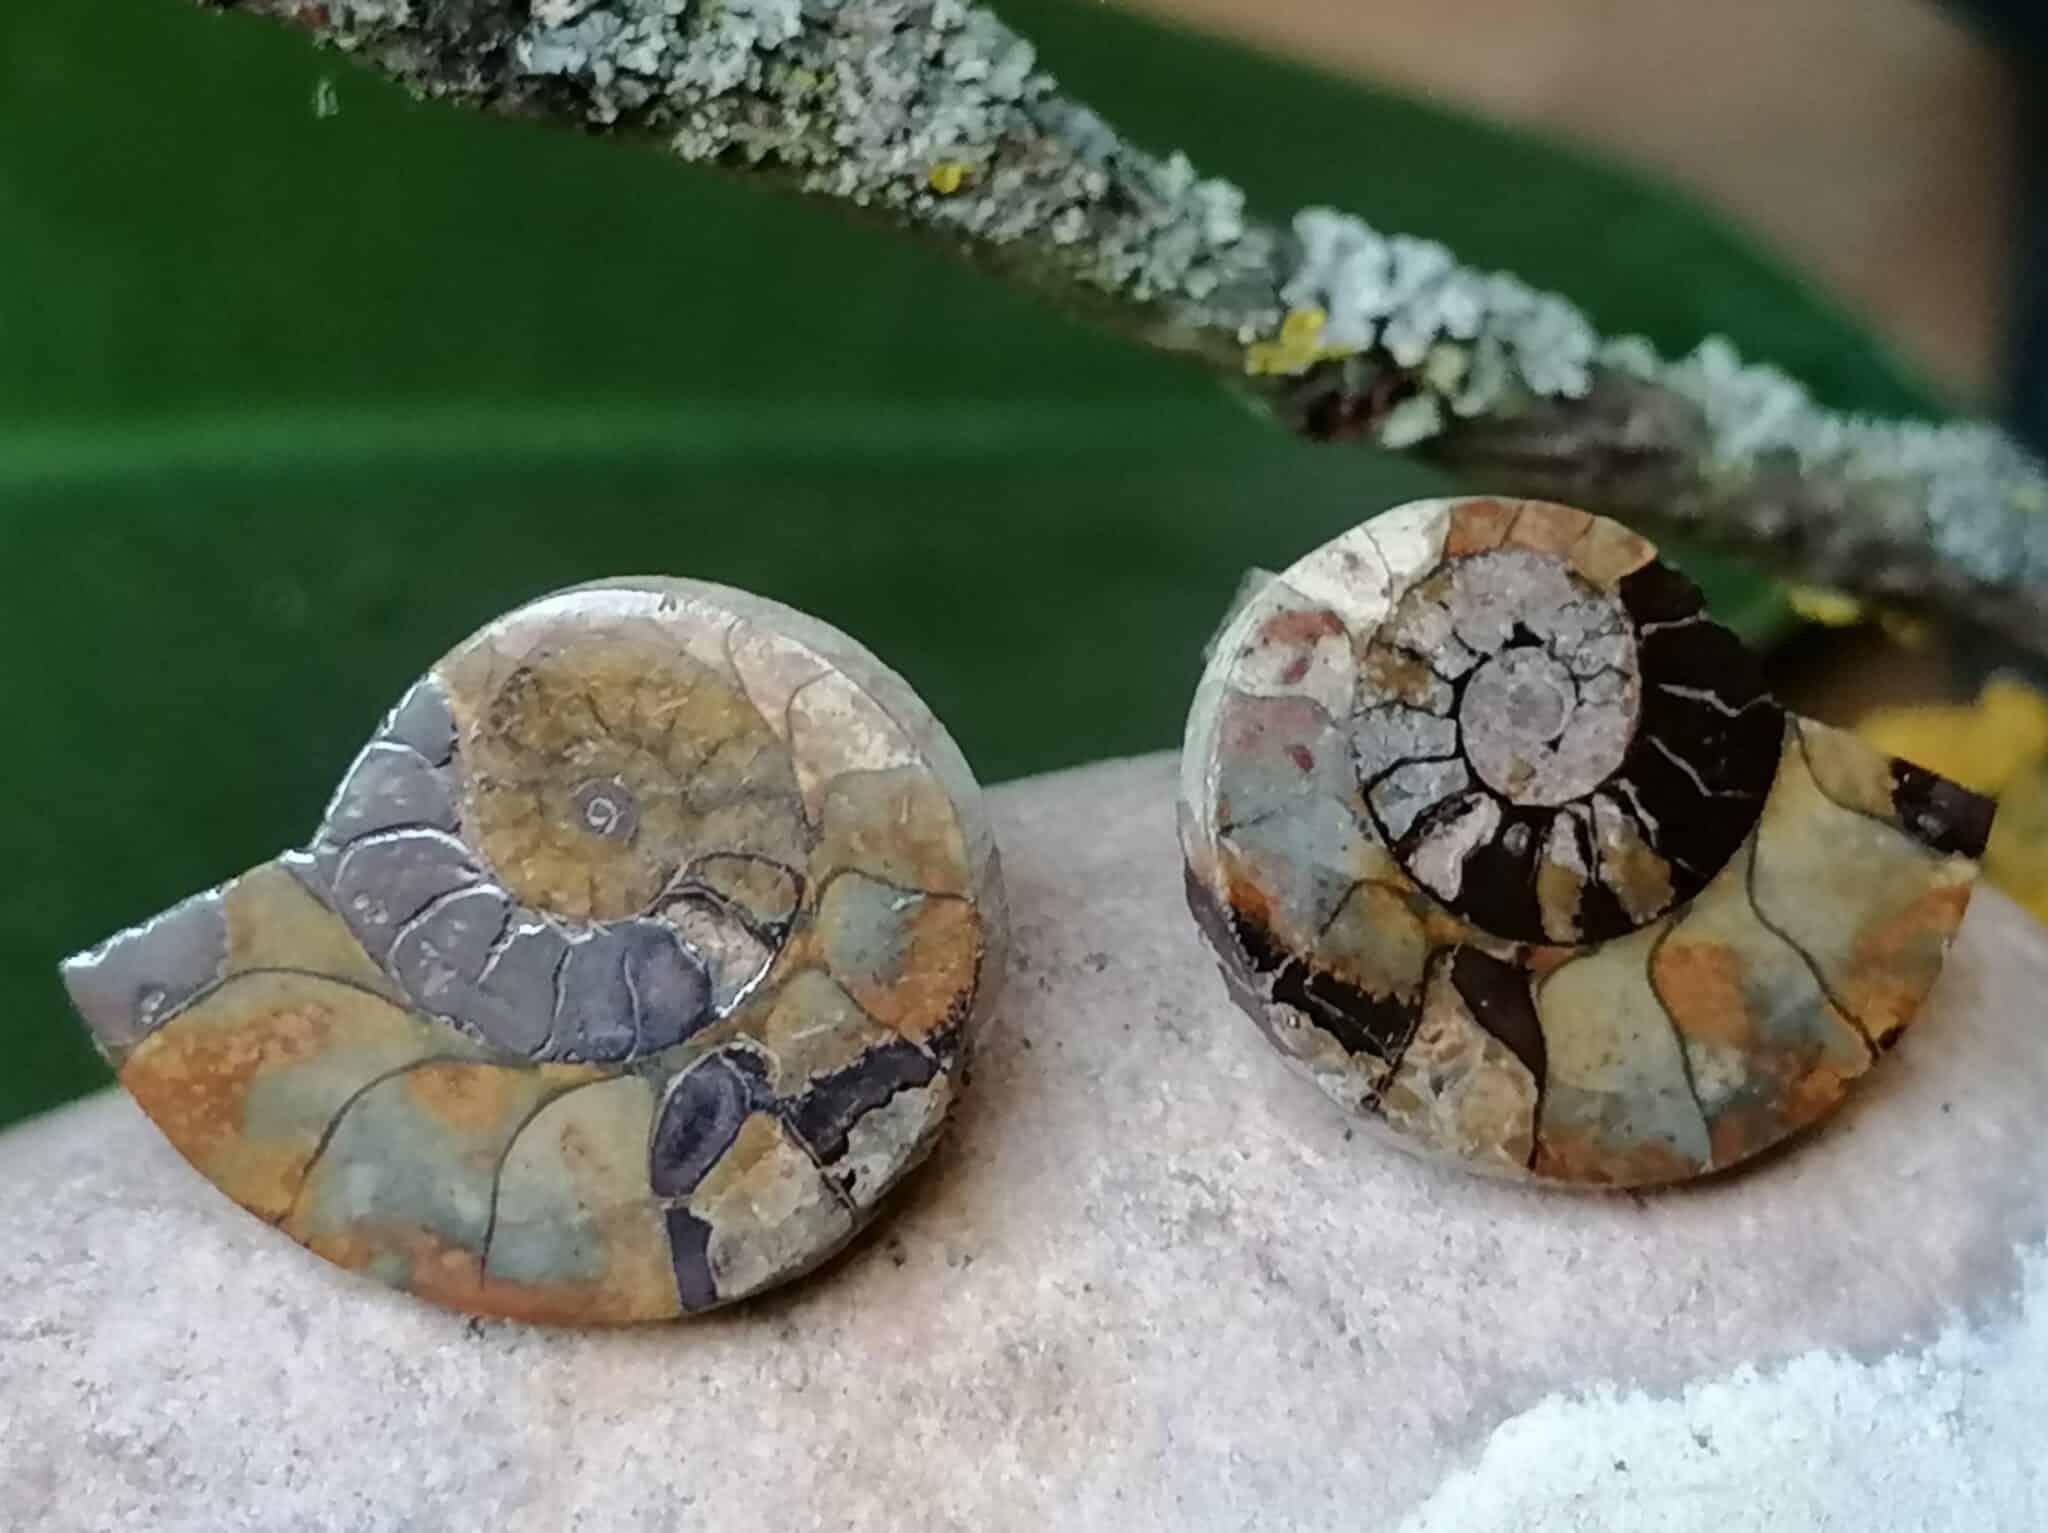 Ohrstecker Ammoniten Paar Silber 925 Unikat Fossil Cleoniceras Marokko